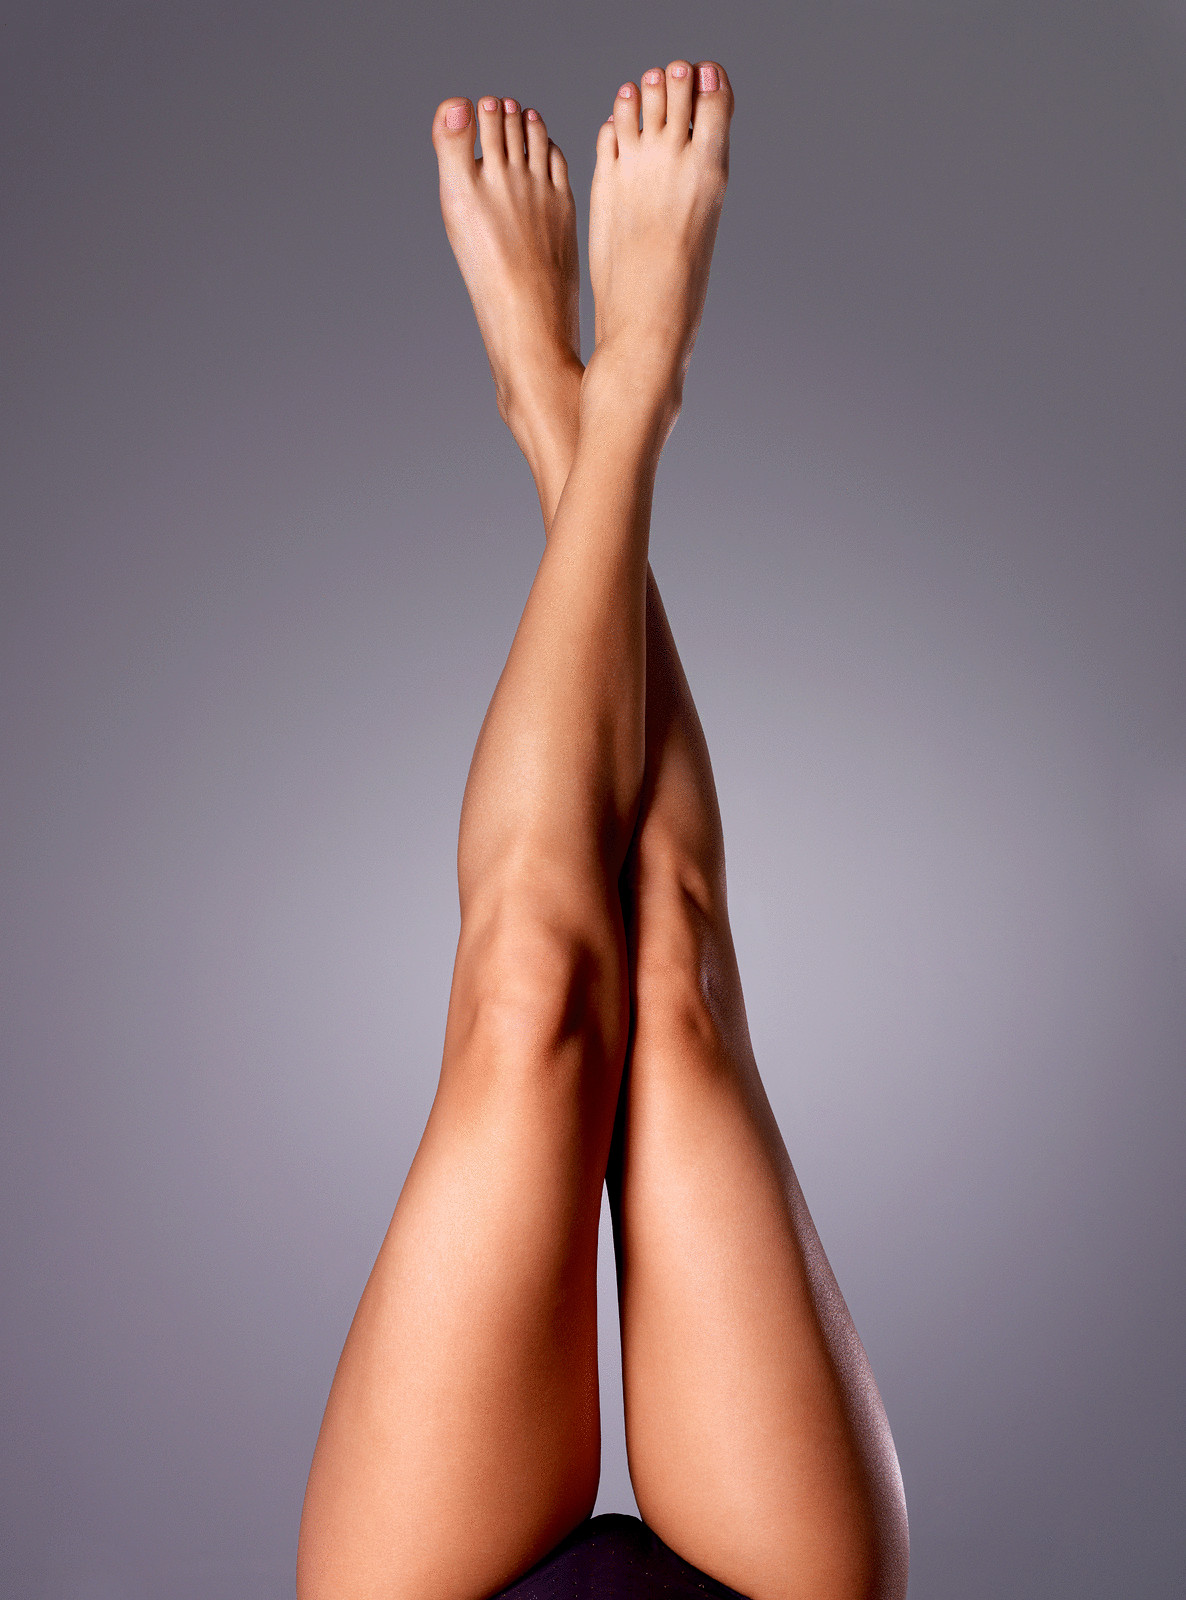 Фотографии ступней с длинными пальчиками 18 фотография